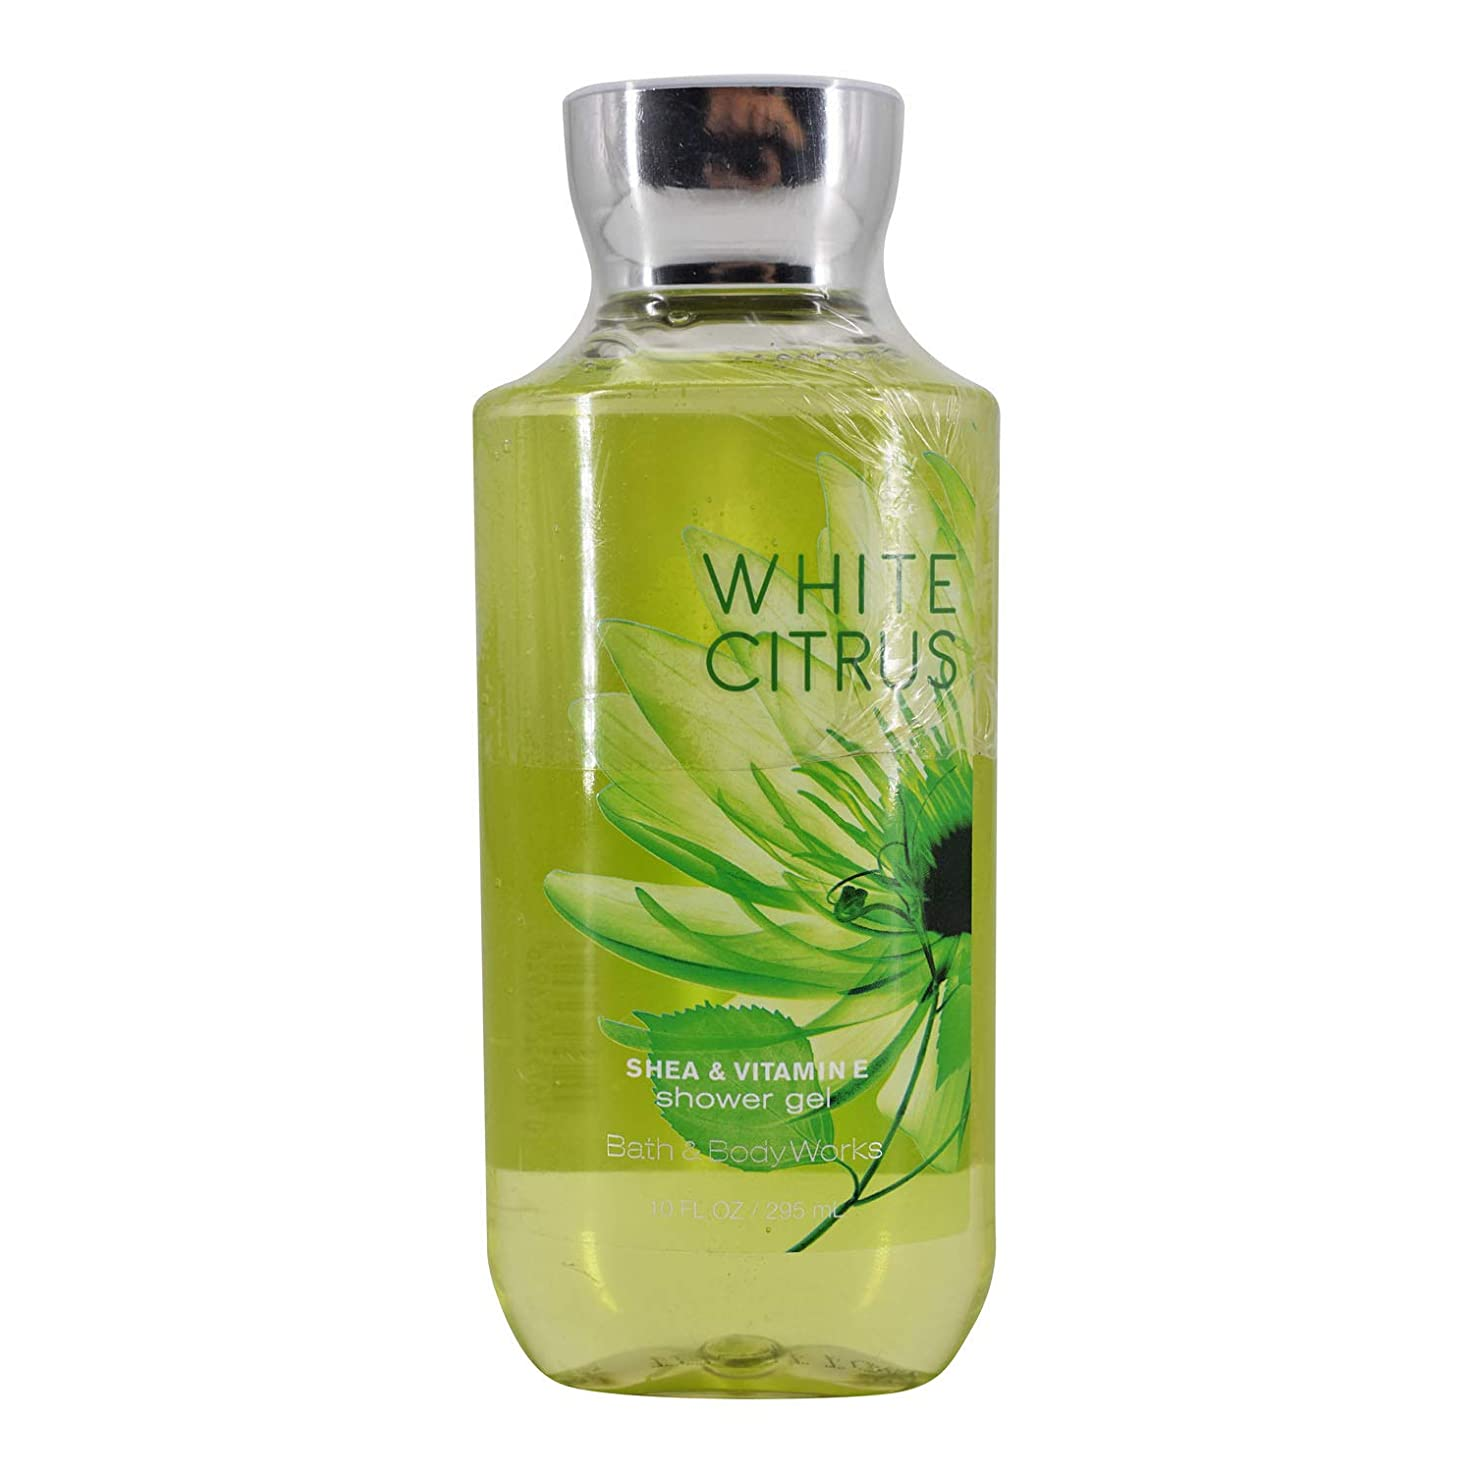 海峡博物館謙虚な【Bath&Body Works/バス&ボディワークス】 シャワージェル ホワイトシトラス Shower Gel White Citrus 10 fl oz / 295 mL [並行輸入品]